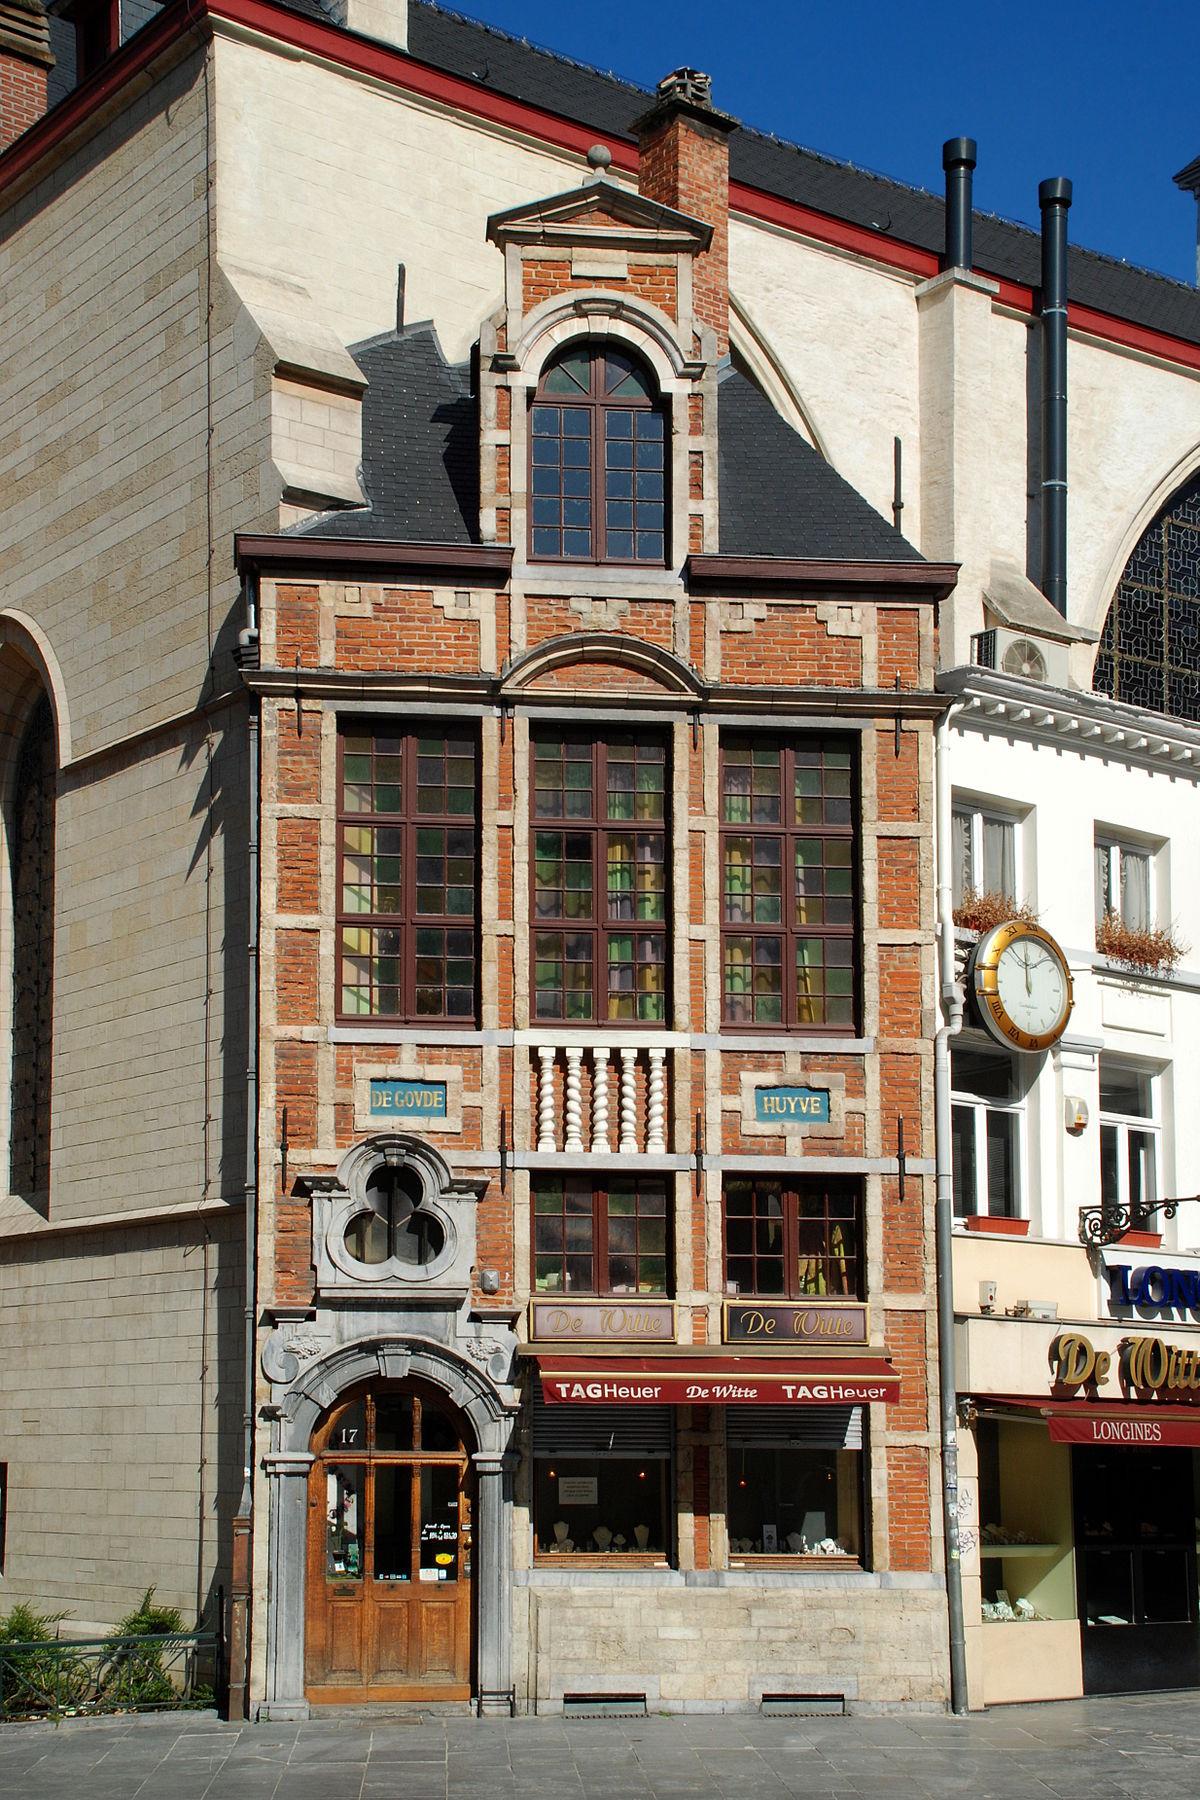 Maison de goude huyve wikip dia for Maison minimaliste belgique